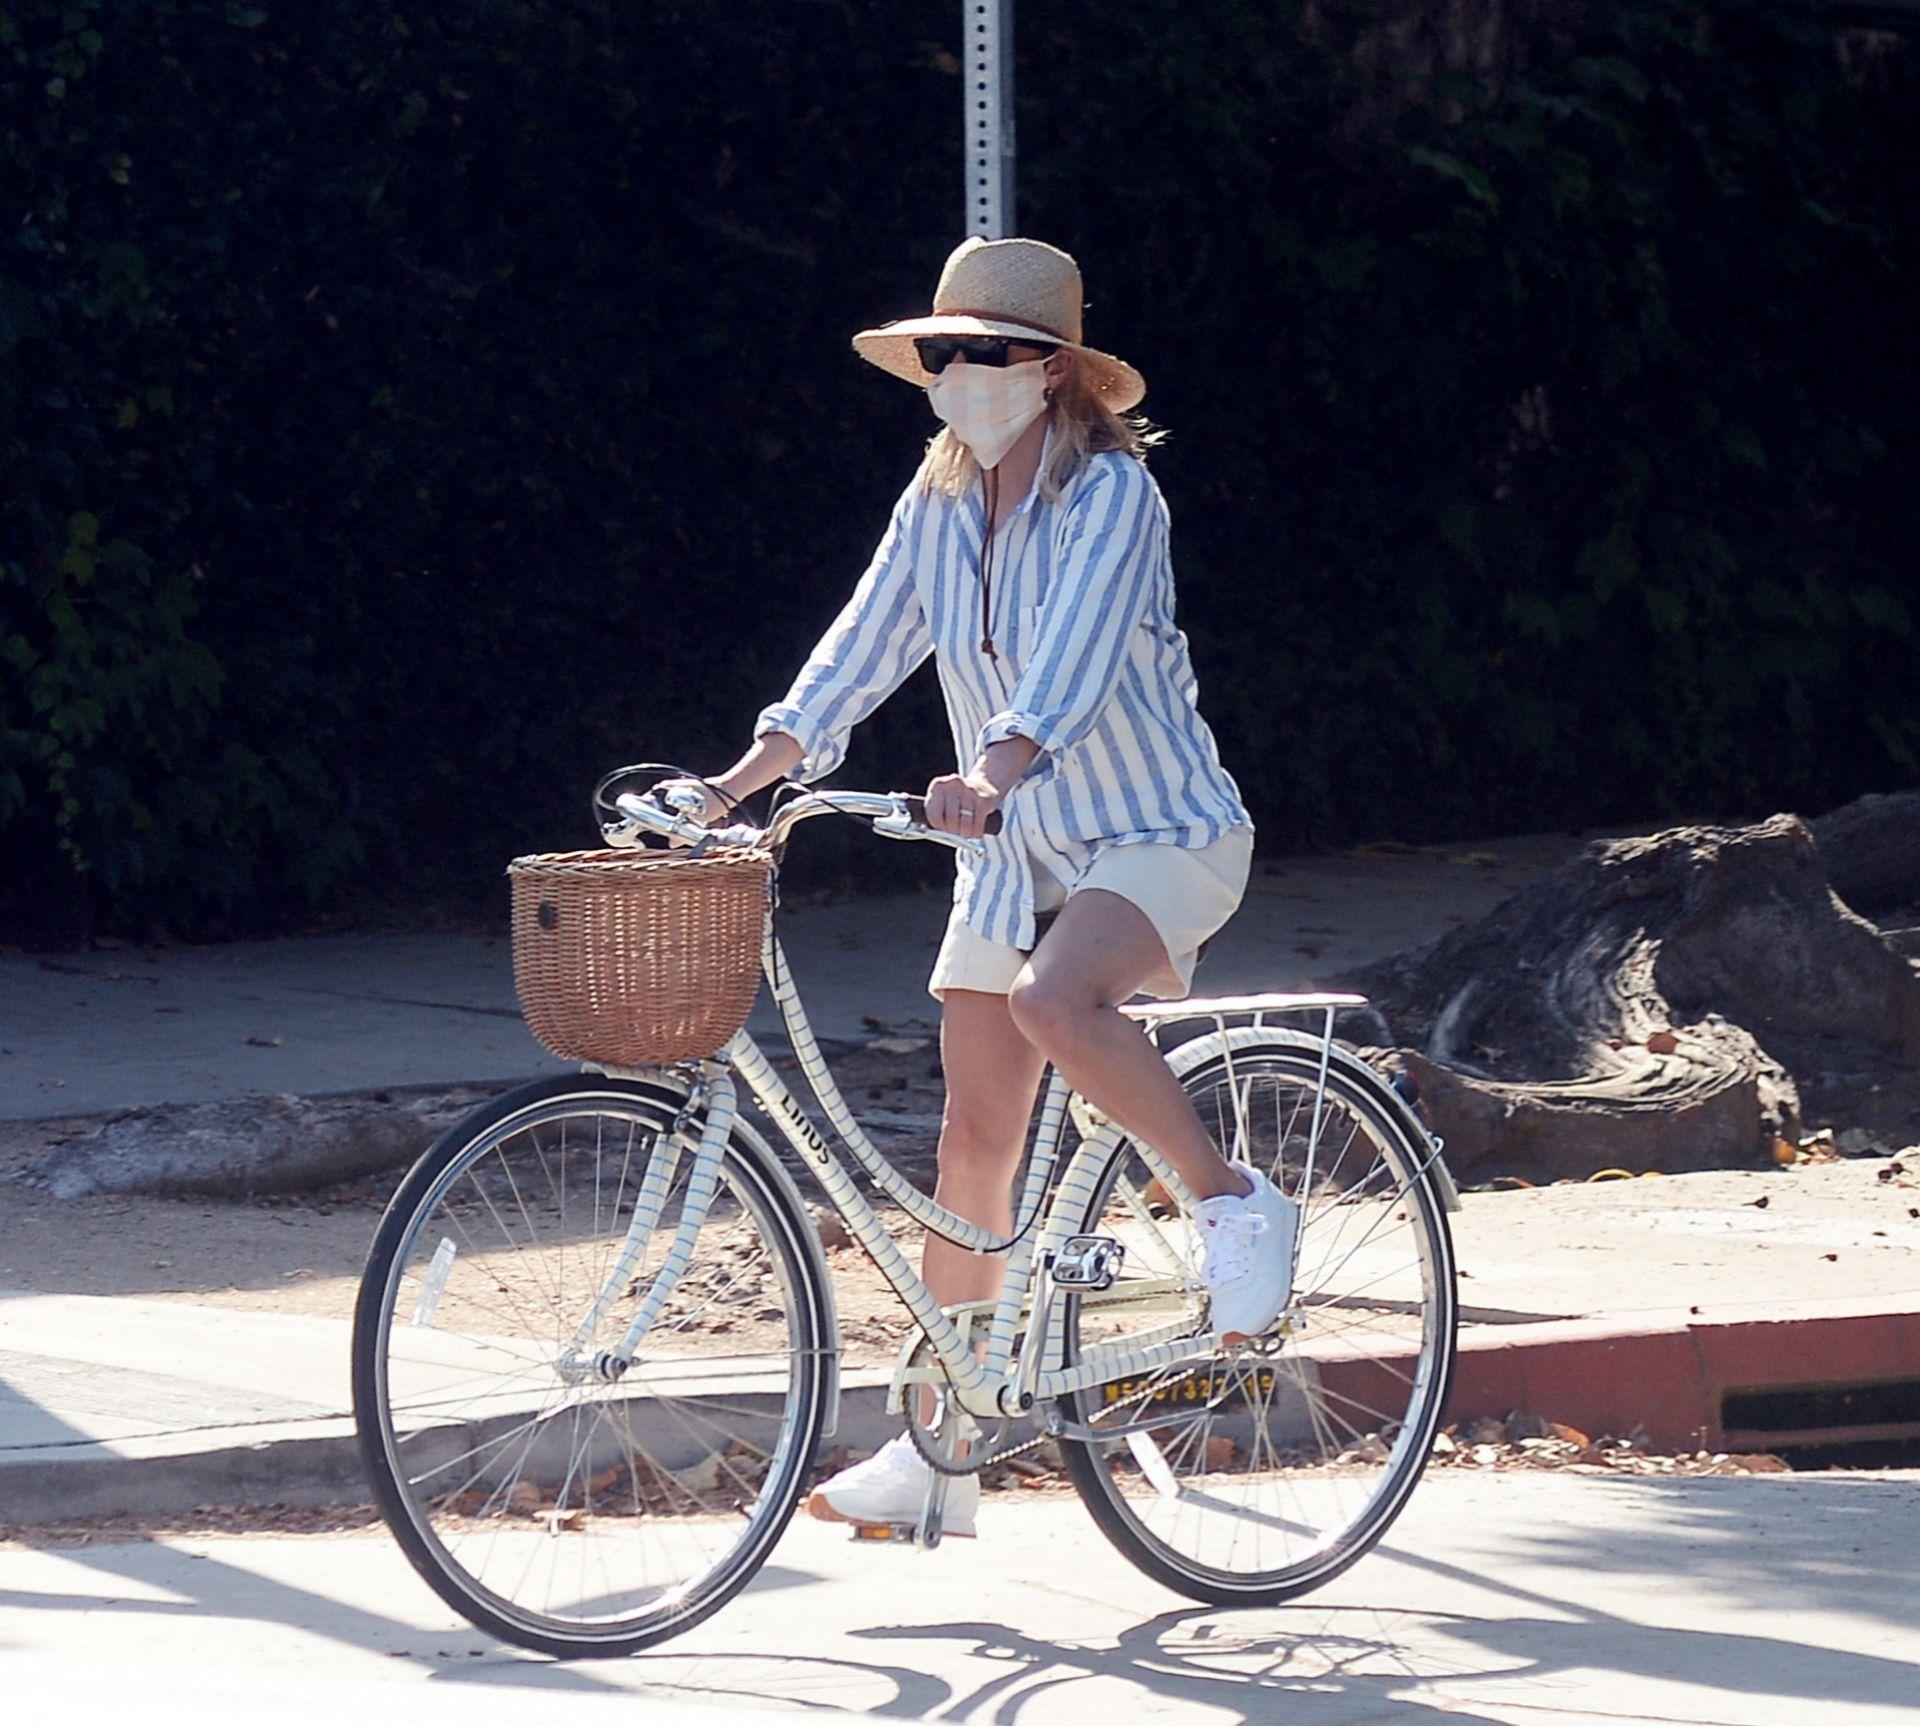 Montando en bici, con un estilismo para copiar.